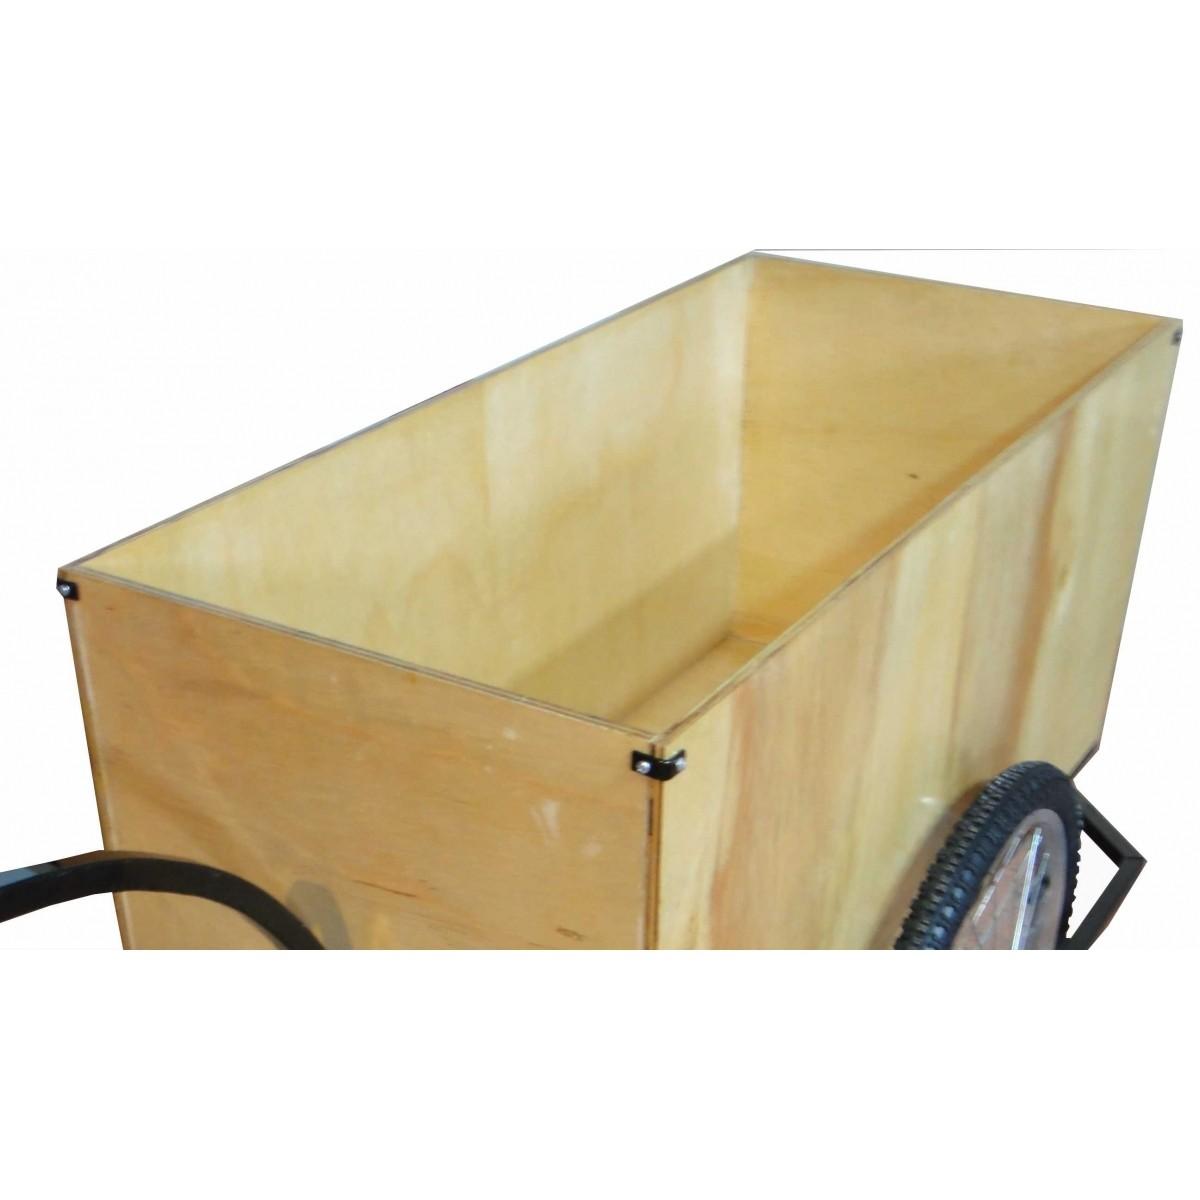 Carretinha Top Box 1000 (CA008)